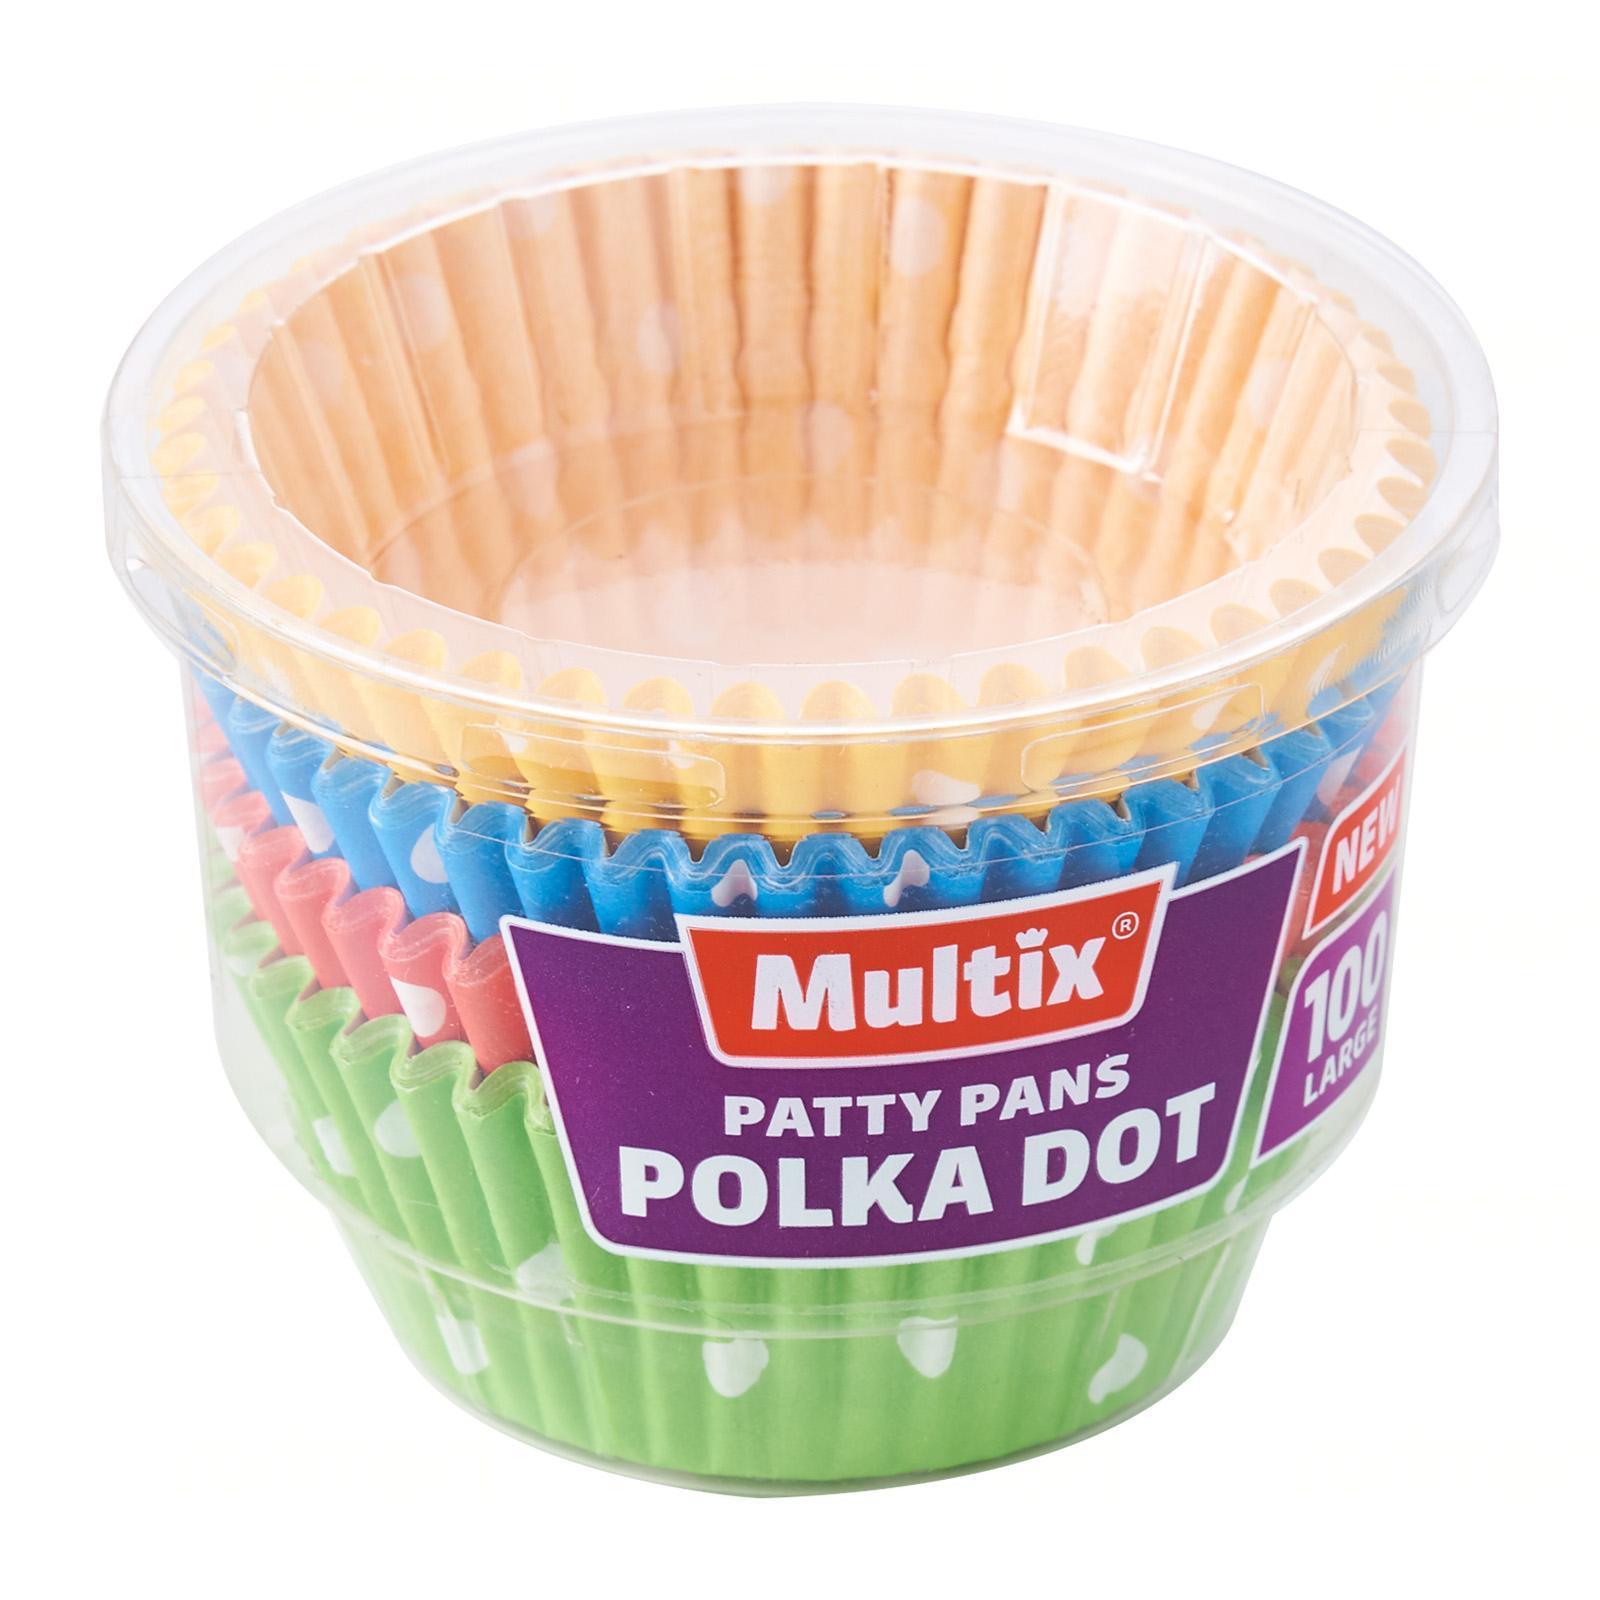 Multix Patty Pan Polka Dot